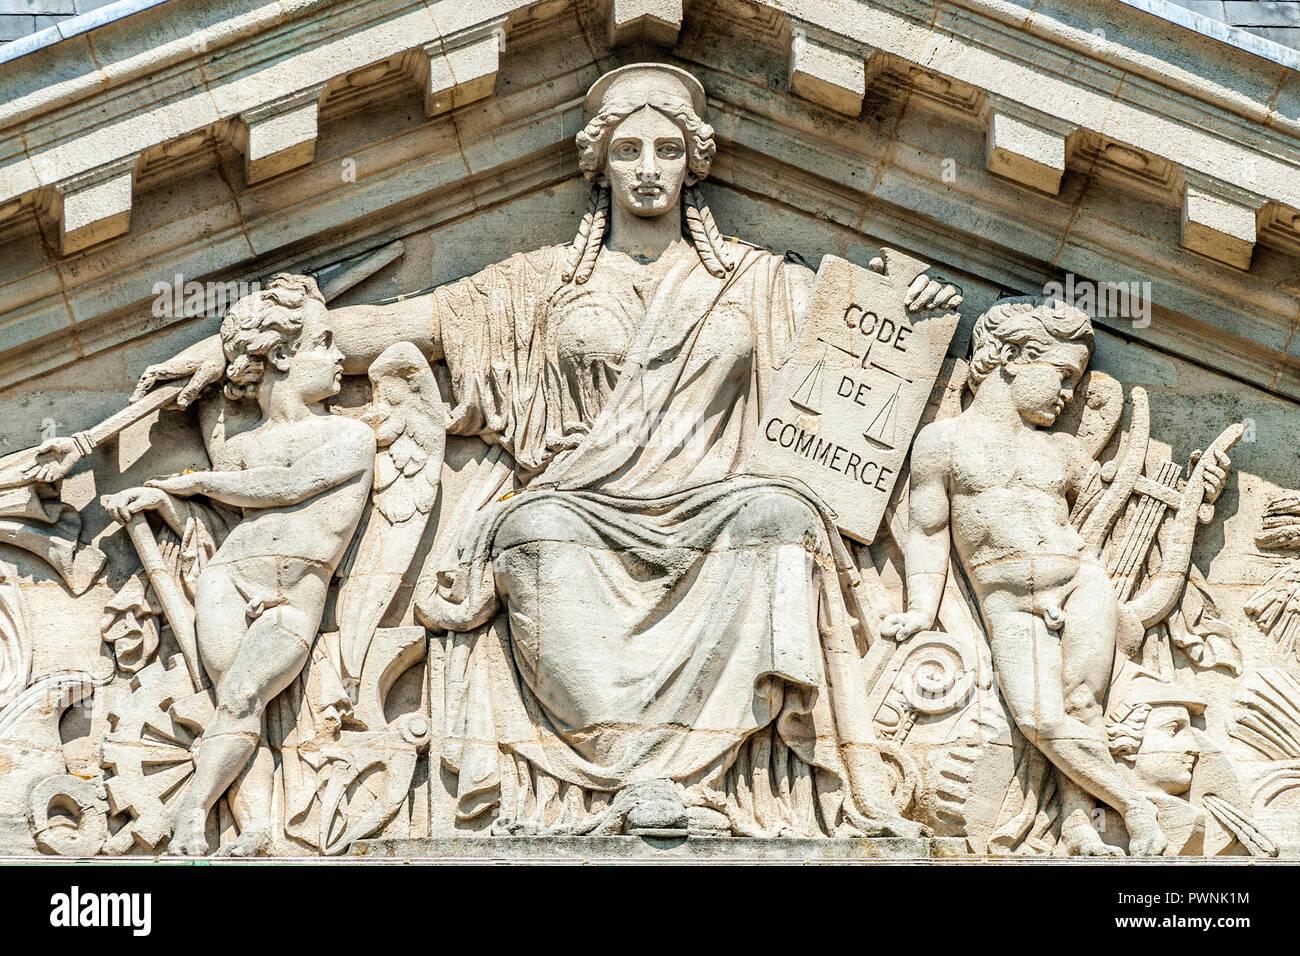 France, Gironde, Bordeaux, pediment on a palace of the place de la Bourse (World Heritage UNESCO) - Stock Image